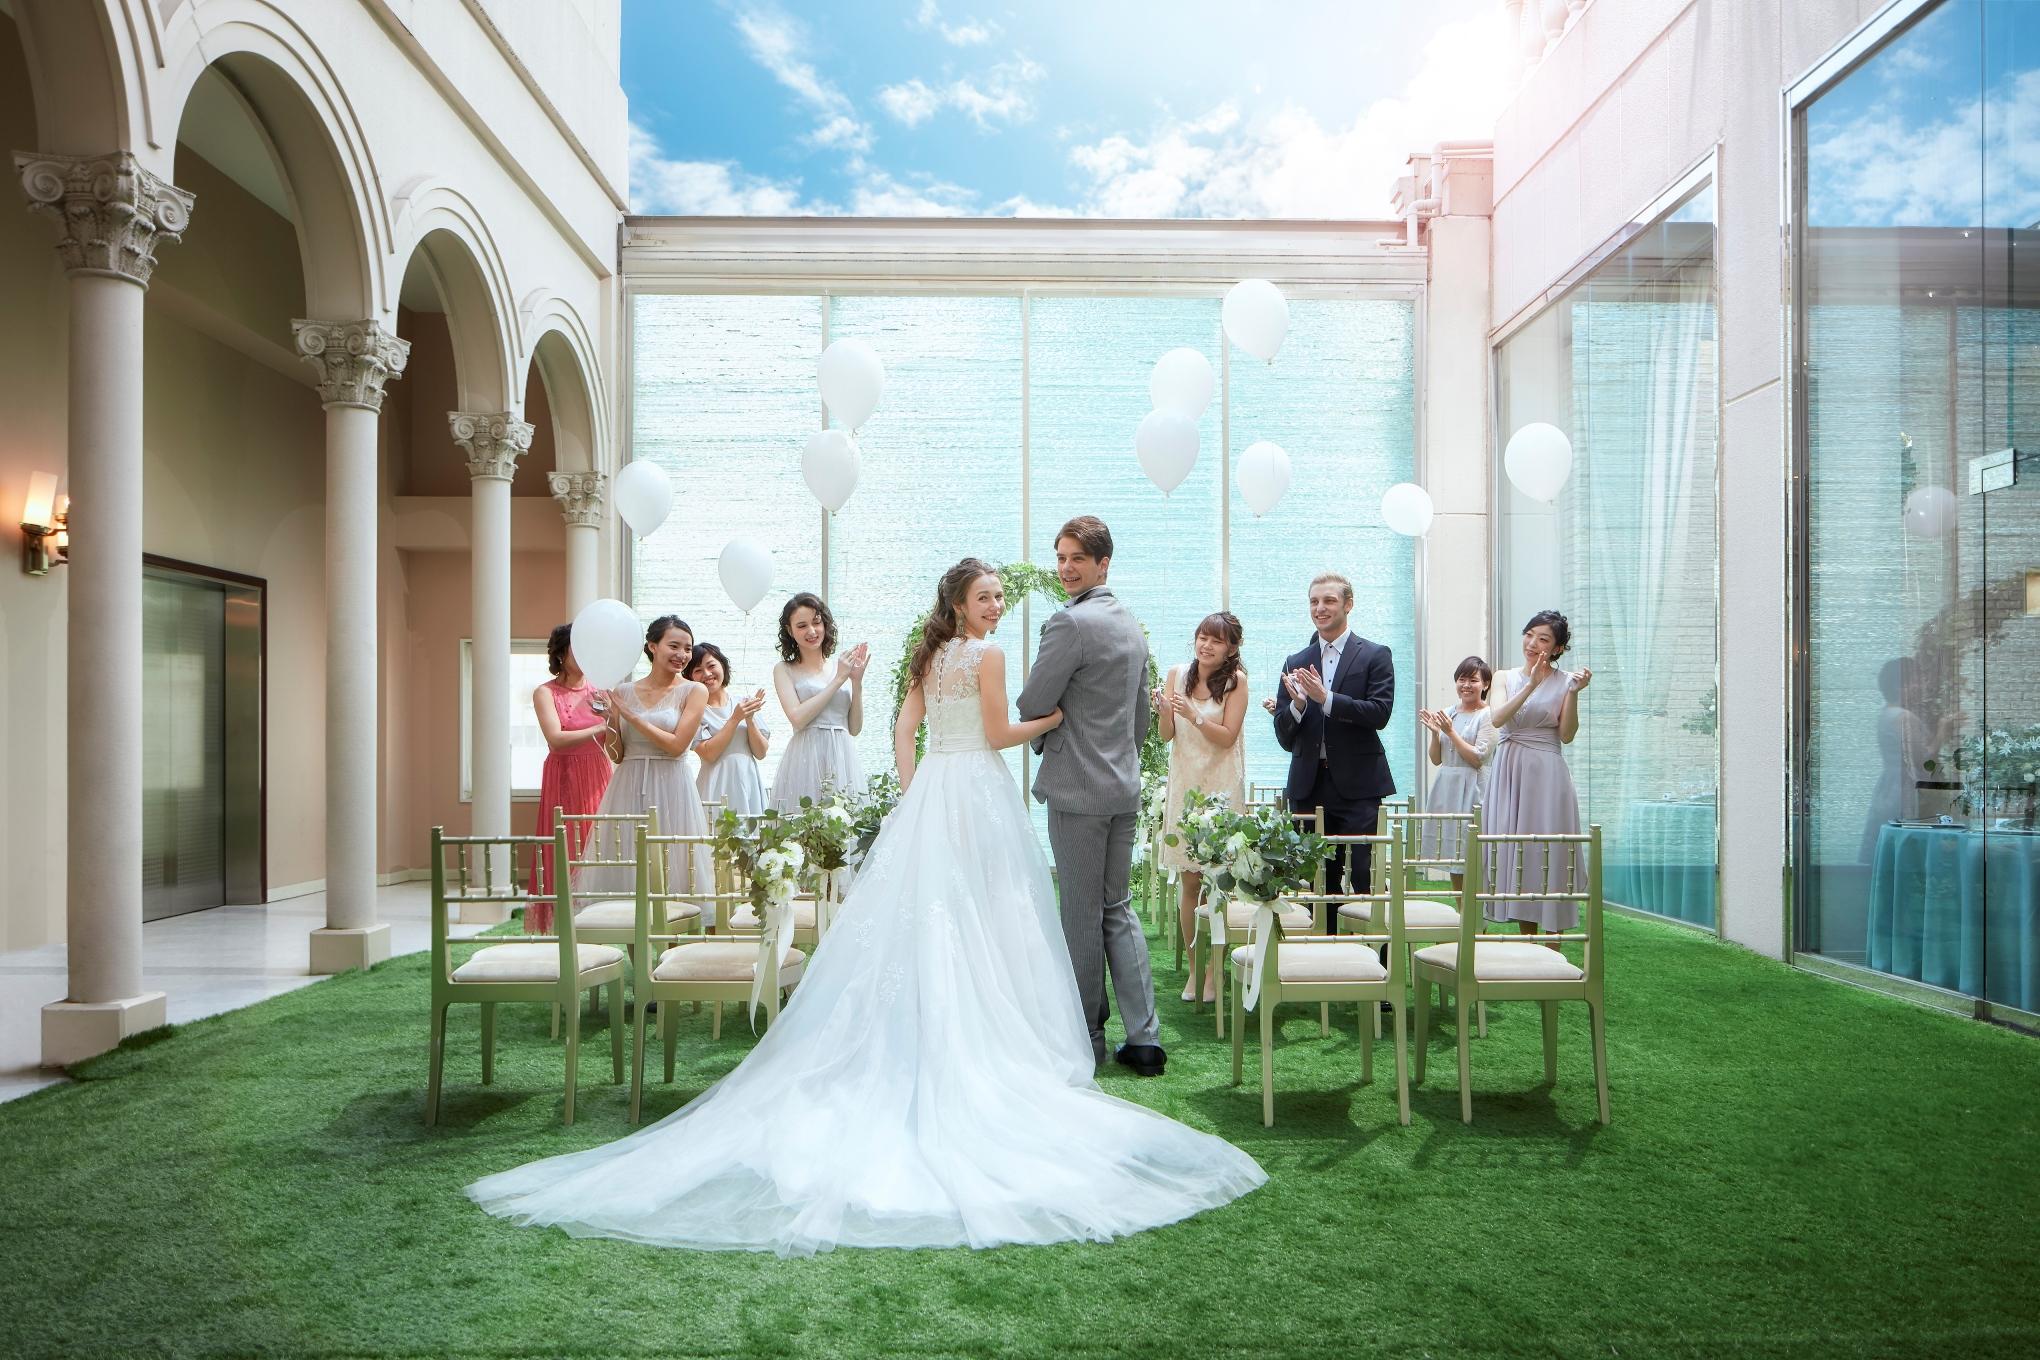 今年10月より消費税が10%になる予定です!<br> 結婚式は大きな金額になるので増税前に結婚式を挙げたい方必見です♫